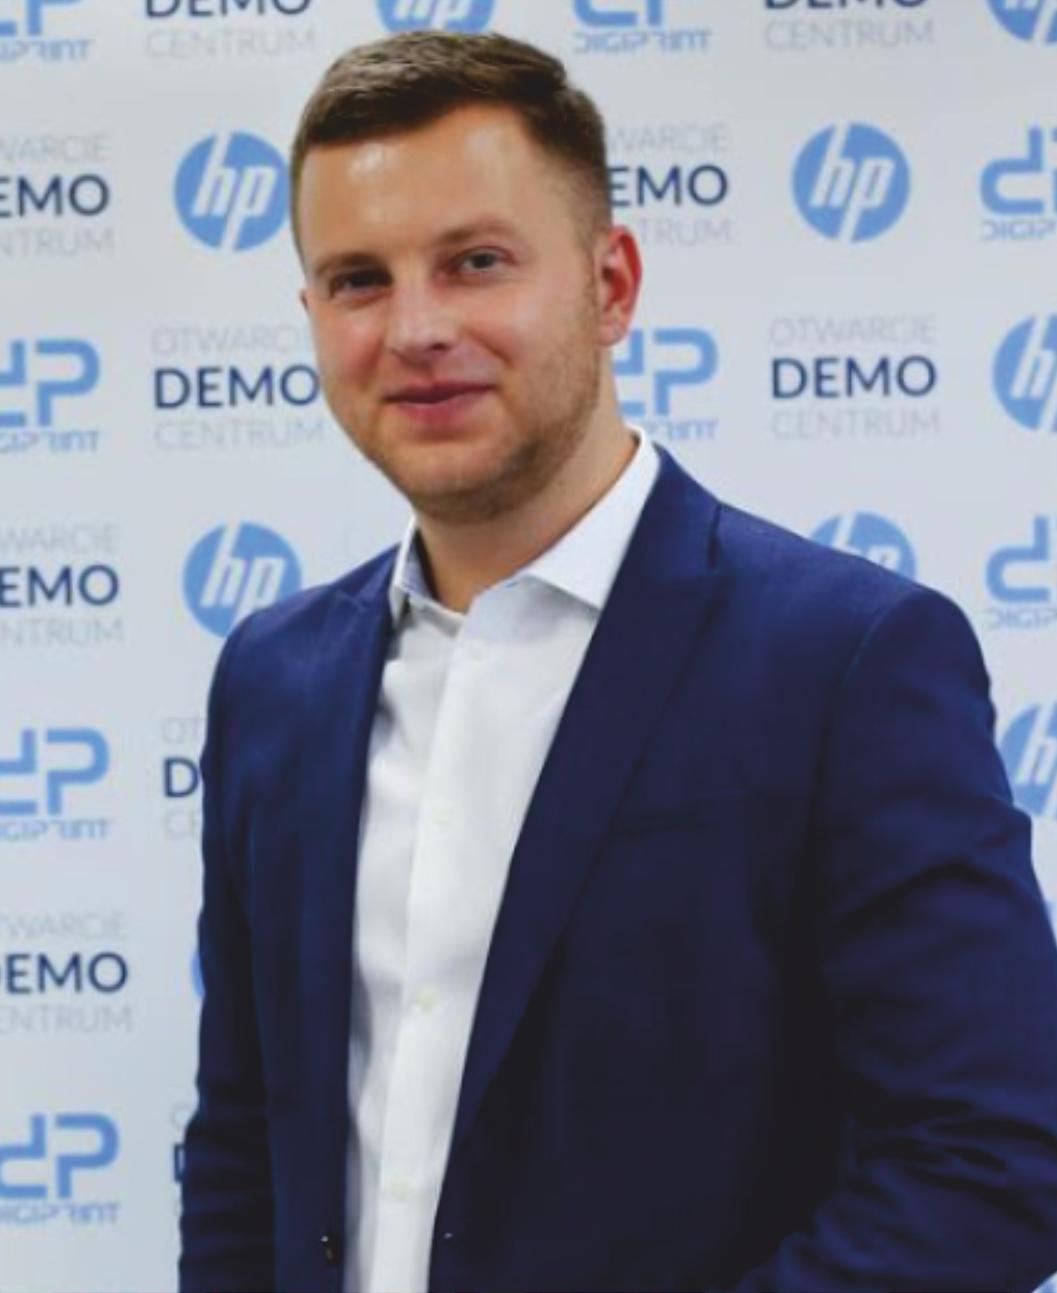 Wojciech Talarek